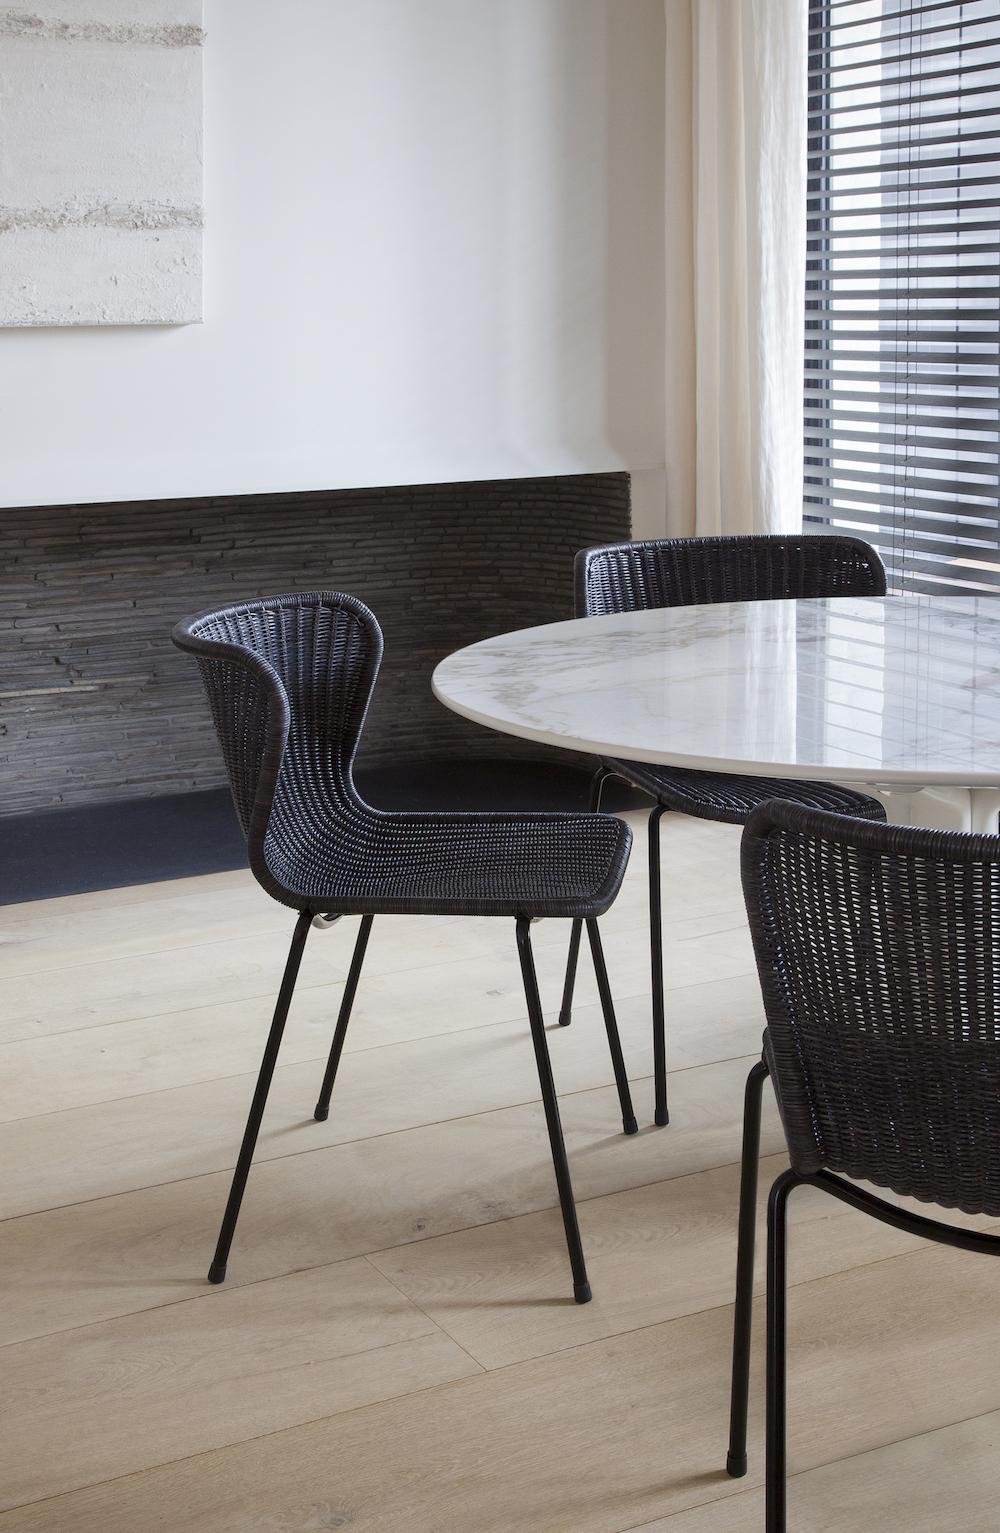 Indoor C603 Chair in Charcoal Rattan